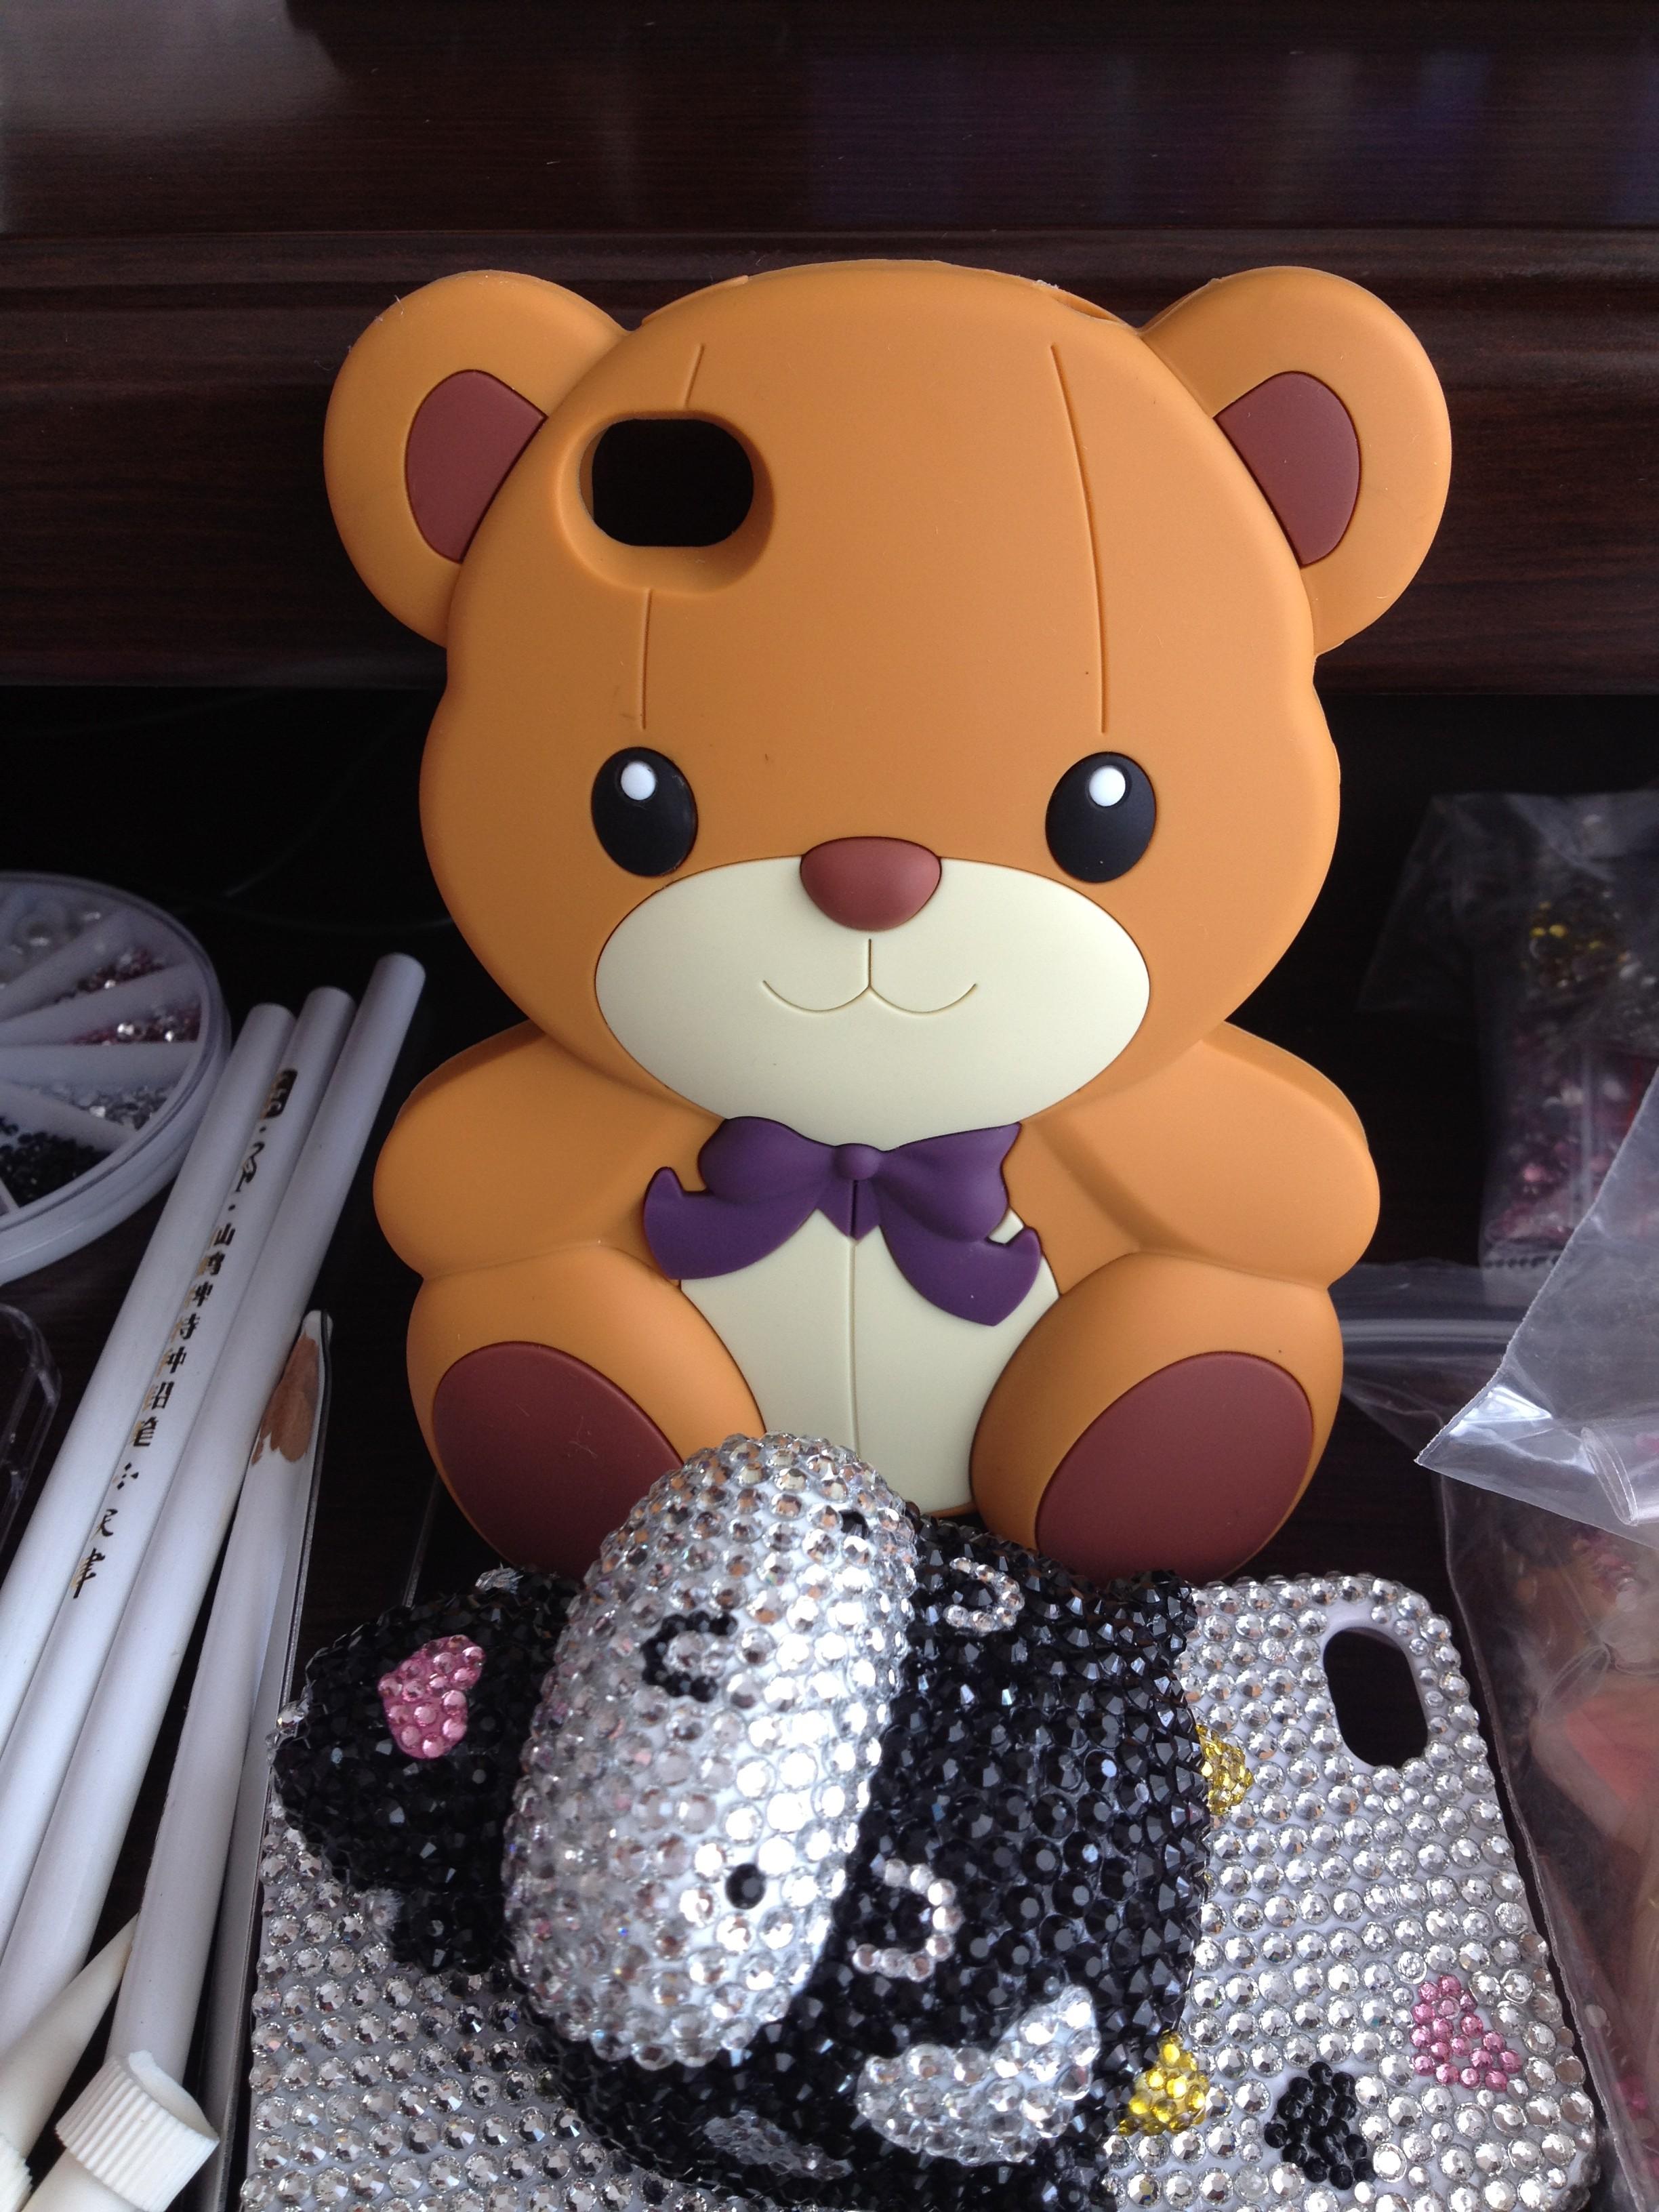 可爱的小熊手机壳 - 蘑菇街